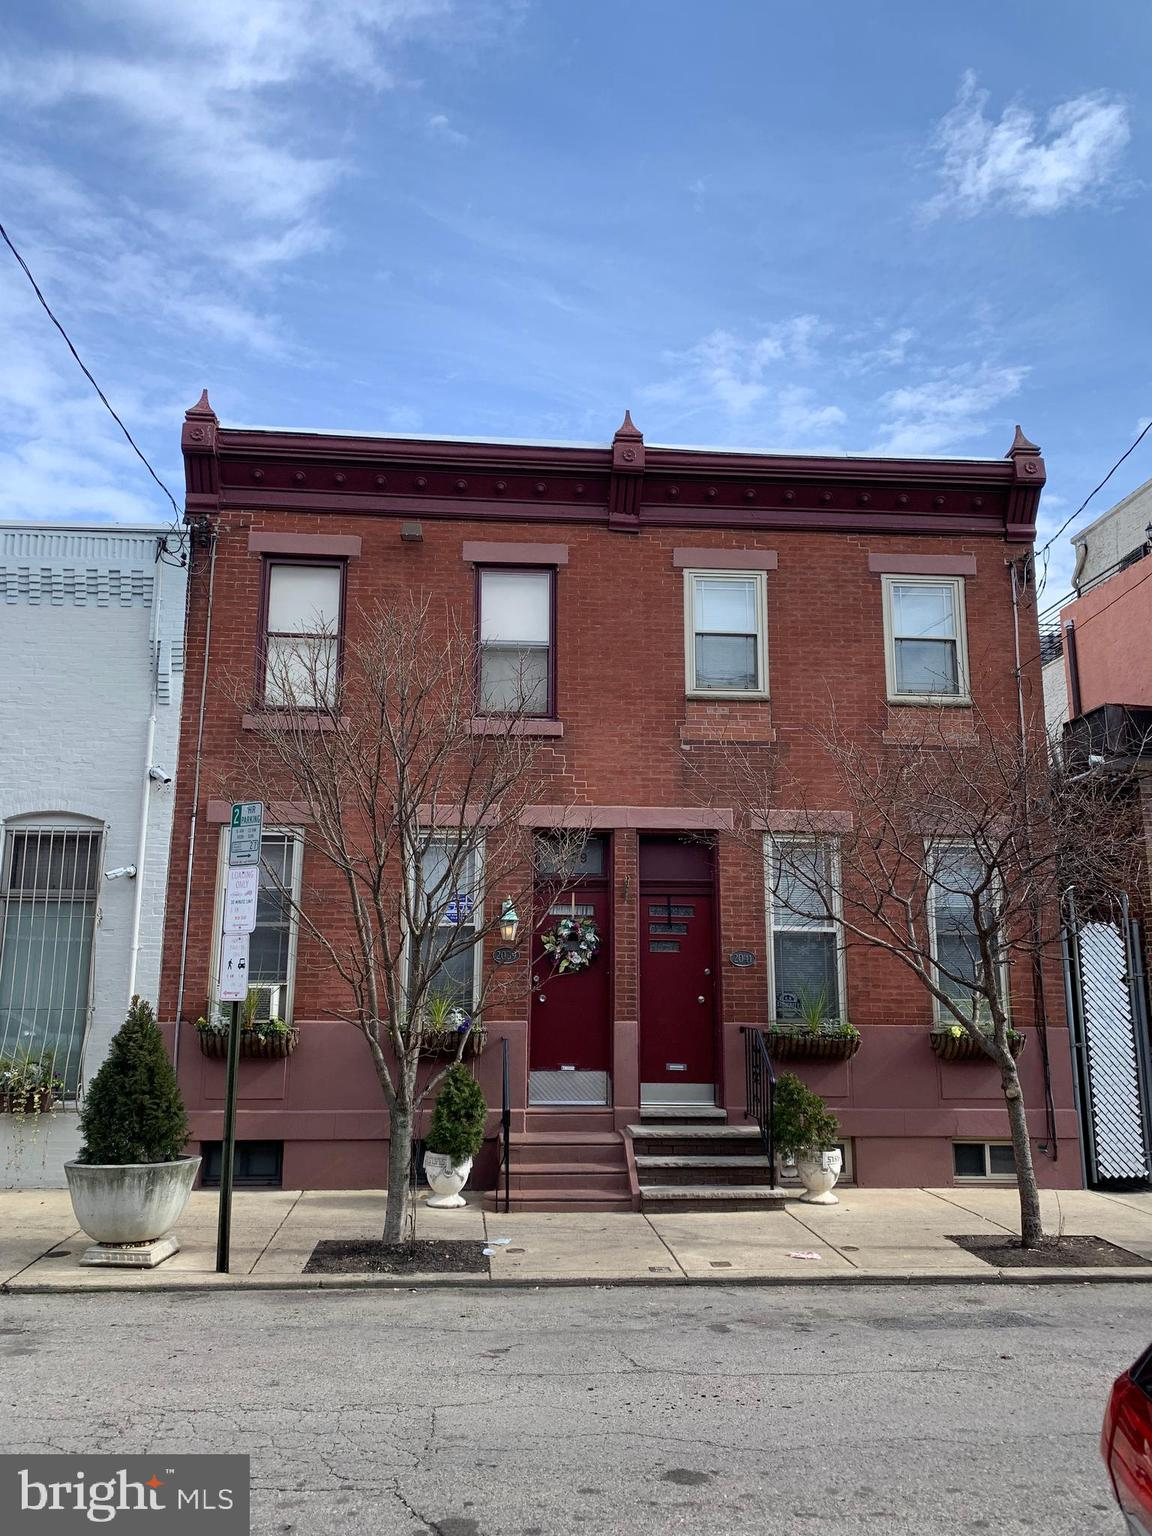 2033-39 S BANCROFT STREET, PHILADELPHIA, PA 19145